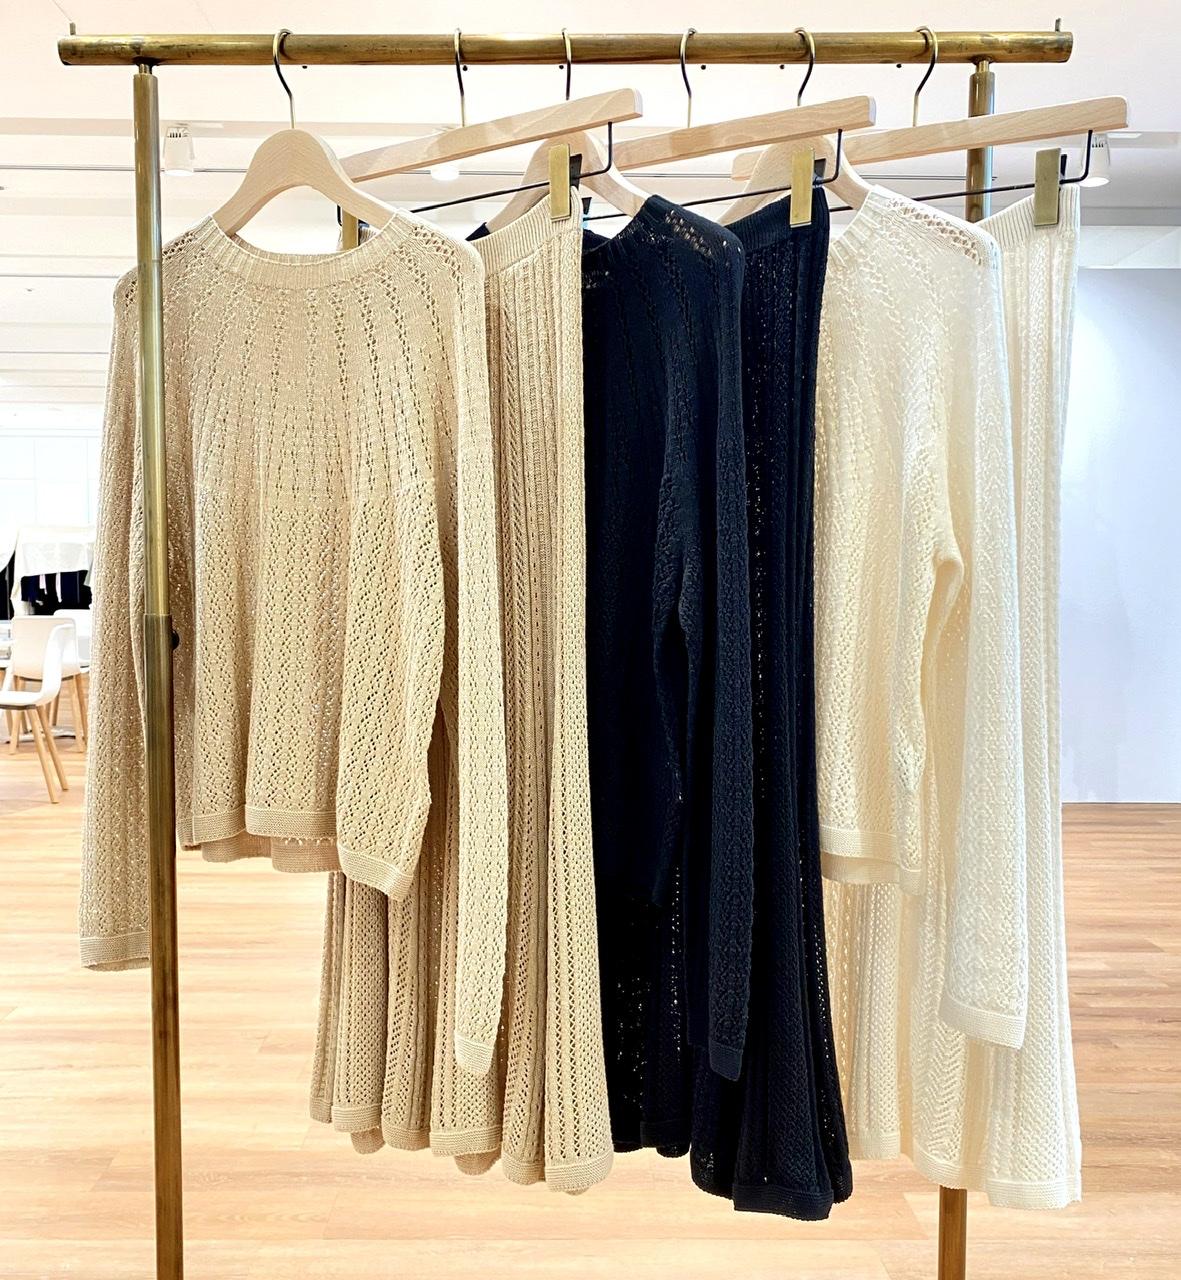 3Dポインテールセーター&スカートのカラーバリエーション